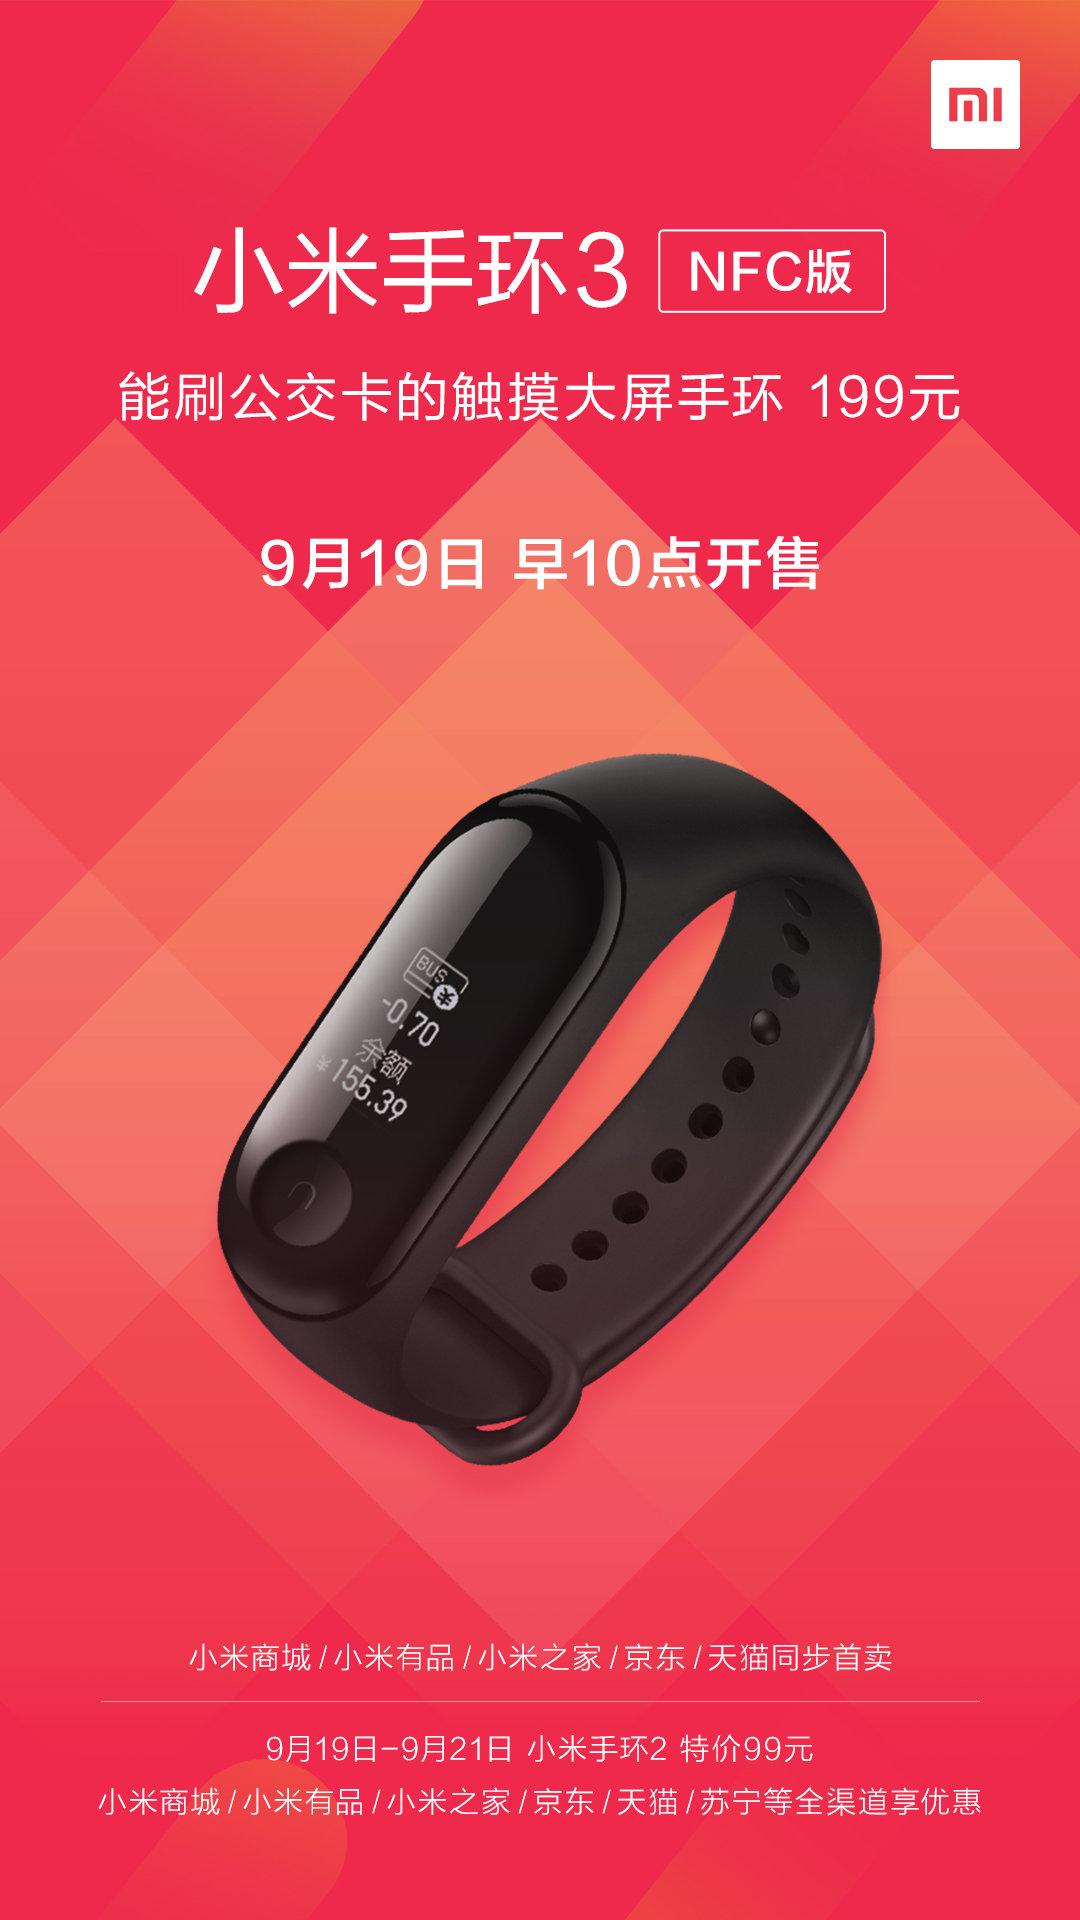 所有手机的最强补丁!小米手环3 NFC版明日开售:199元 - 热点资讯